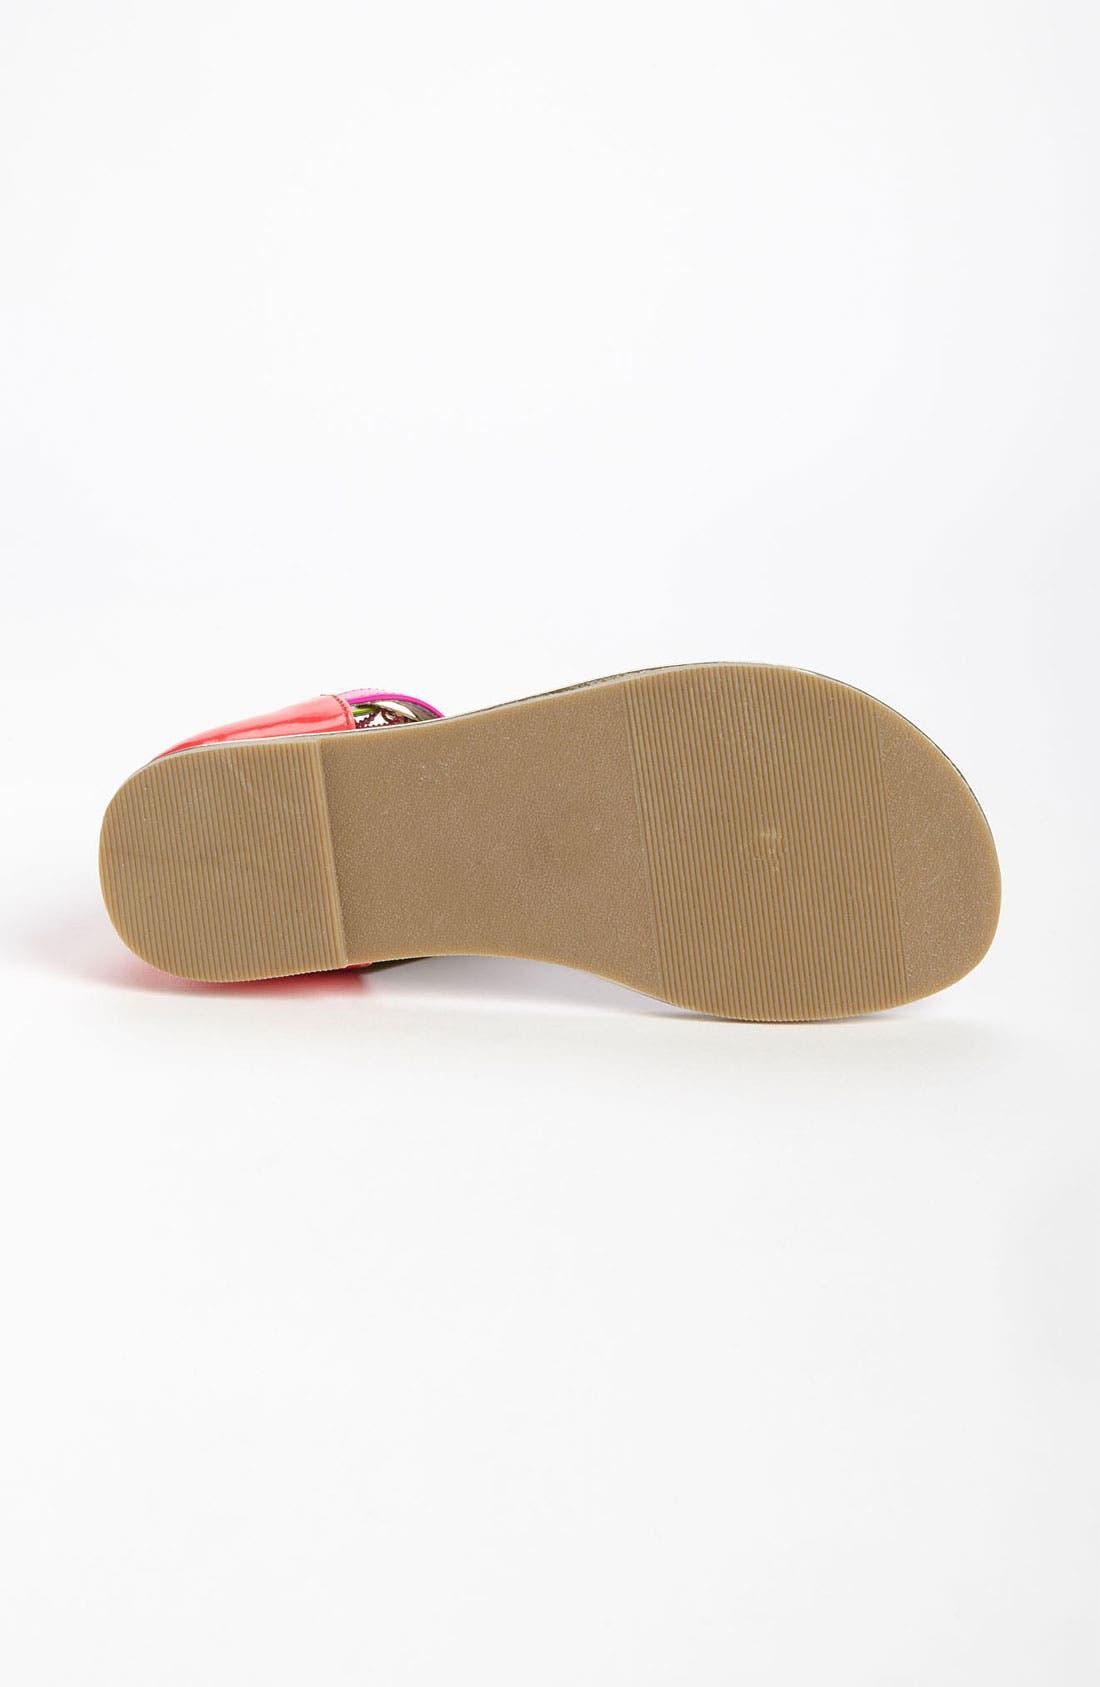 Alternate Image 4  - Steve Madden 'Vawlt' Sandal (Toddler, Little Kid & Big Kid)